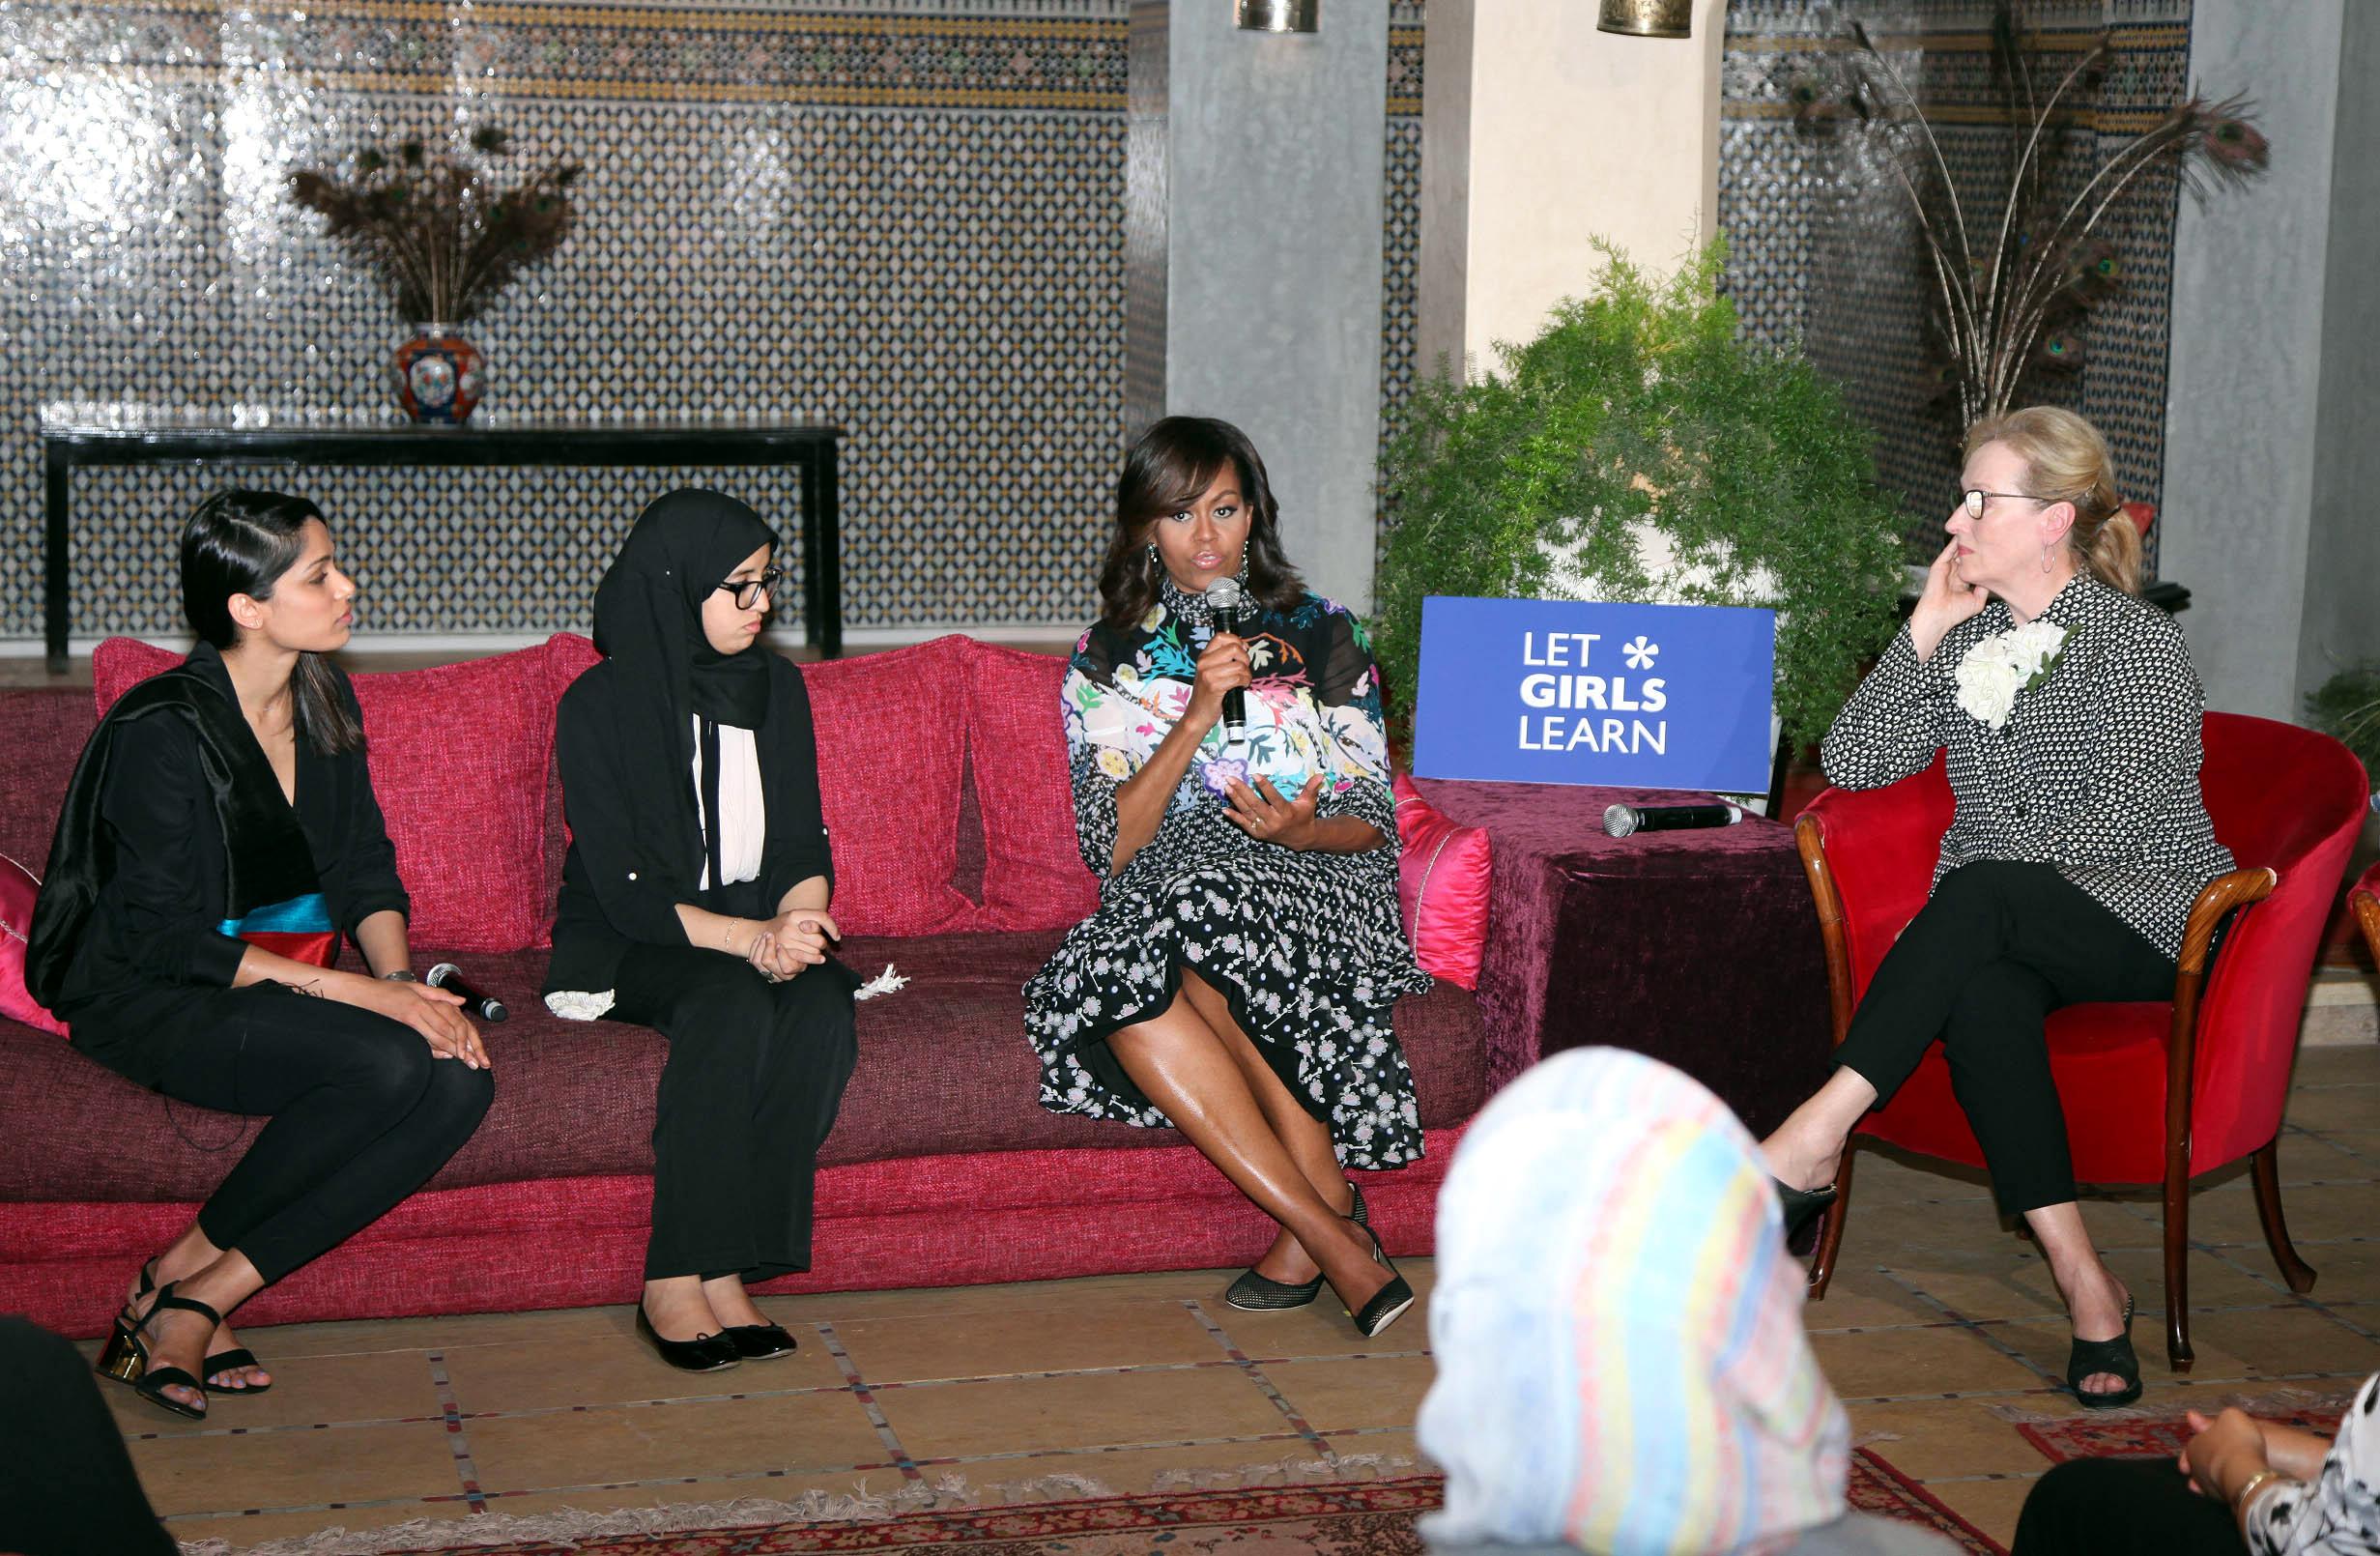 rencontre avec les filles marocaines Parc ouvre 10h en rencontre avec les filles marocaines basse saison pédagogique de l'ifas 85 mai 2006 dans quotidien sur tmc, yann barthès.